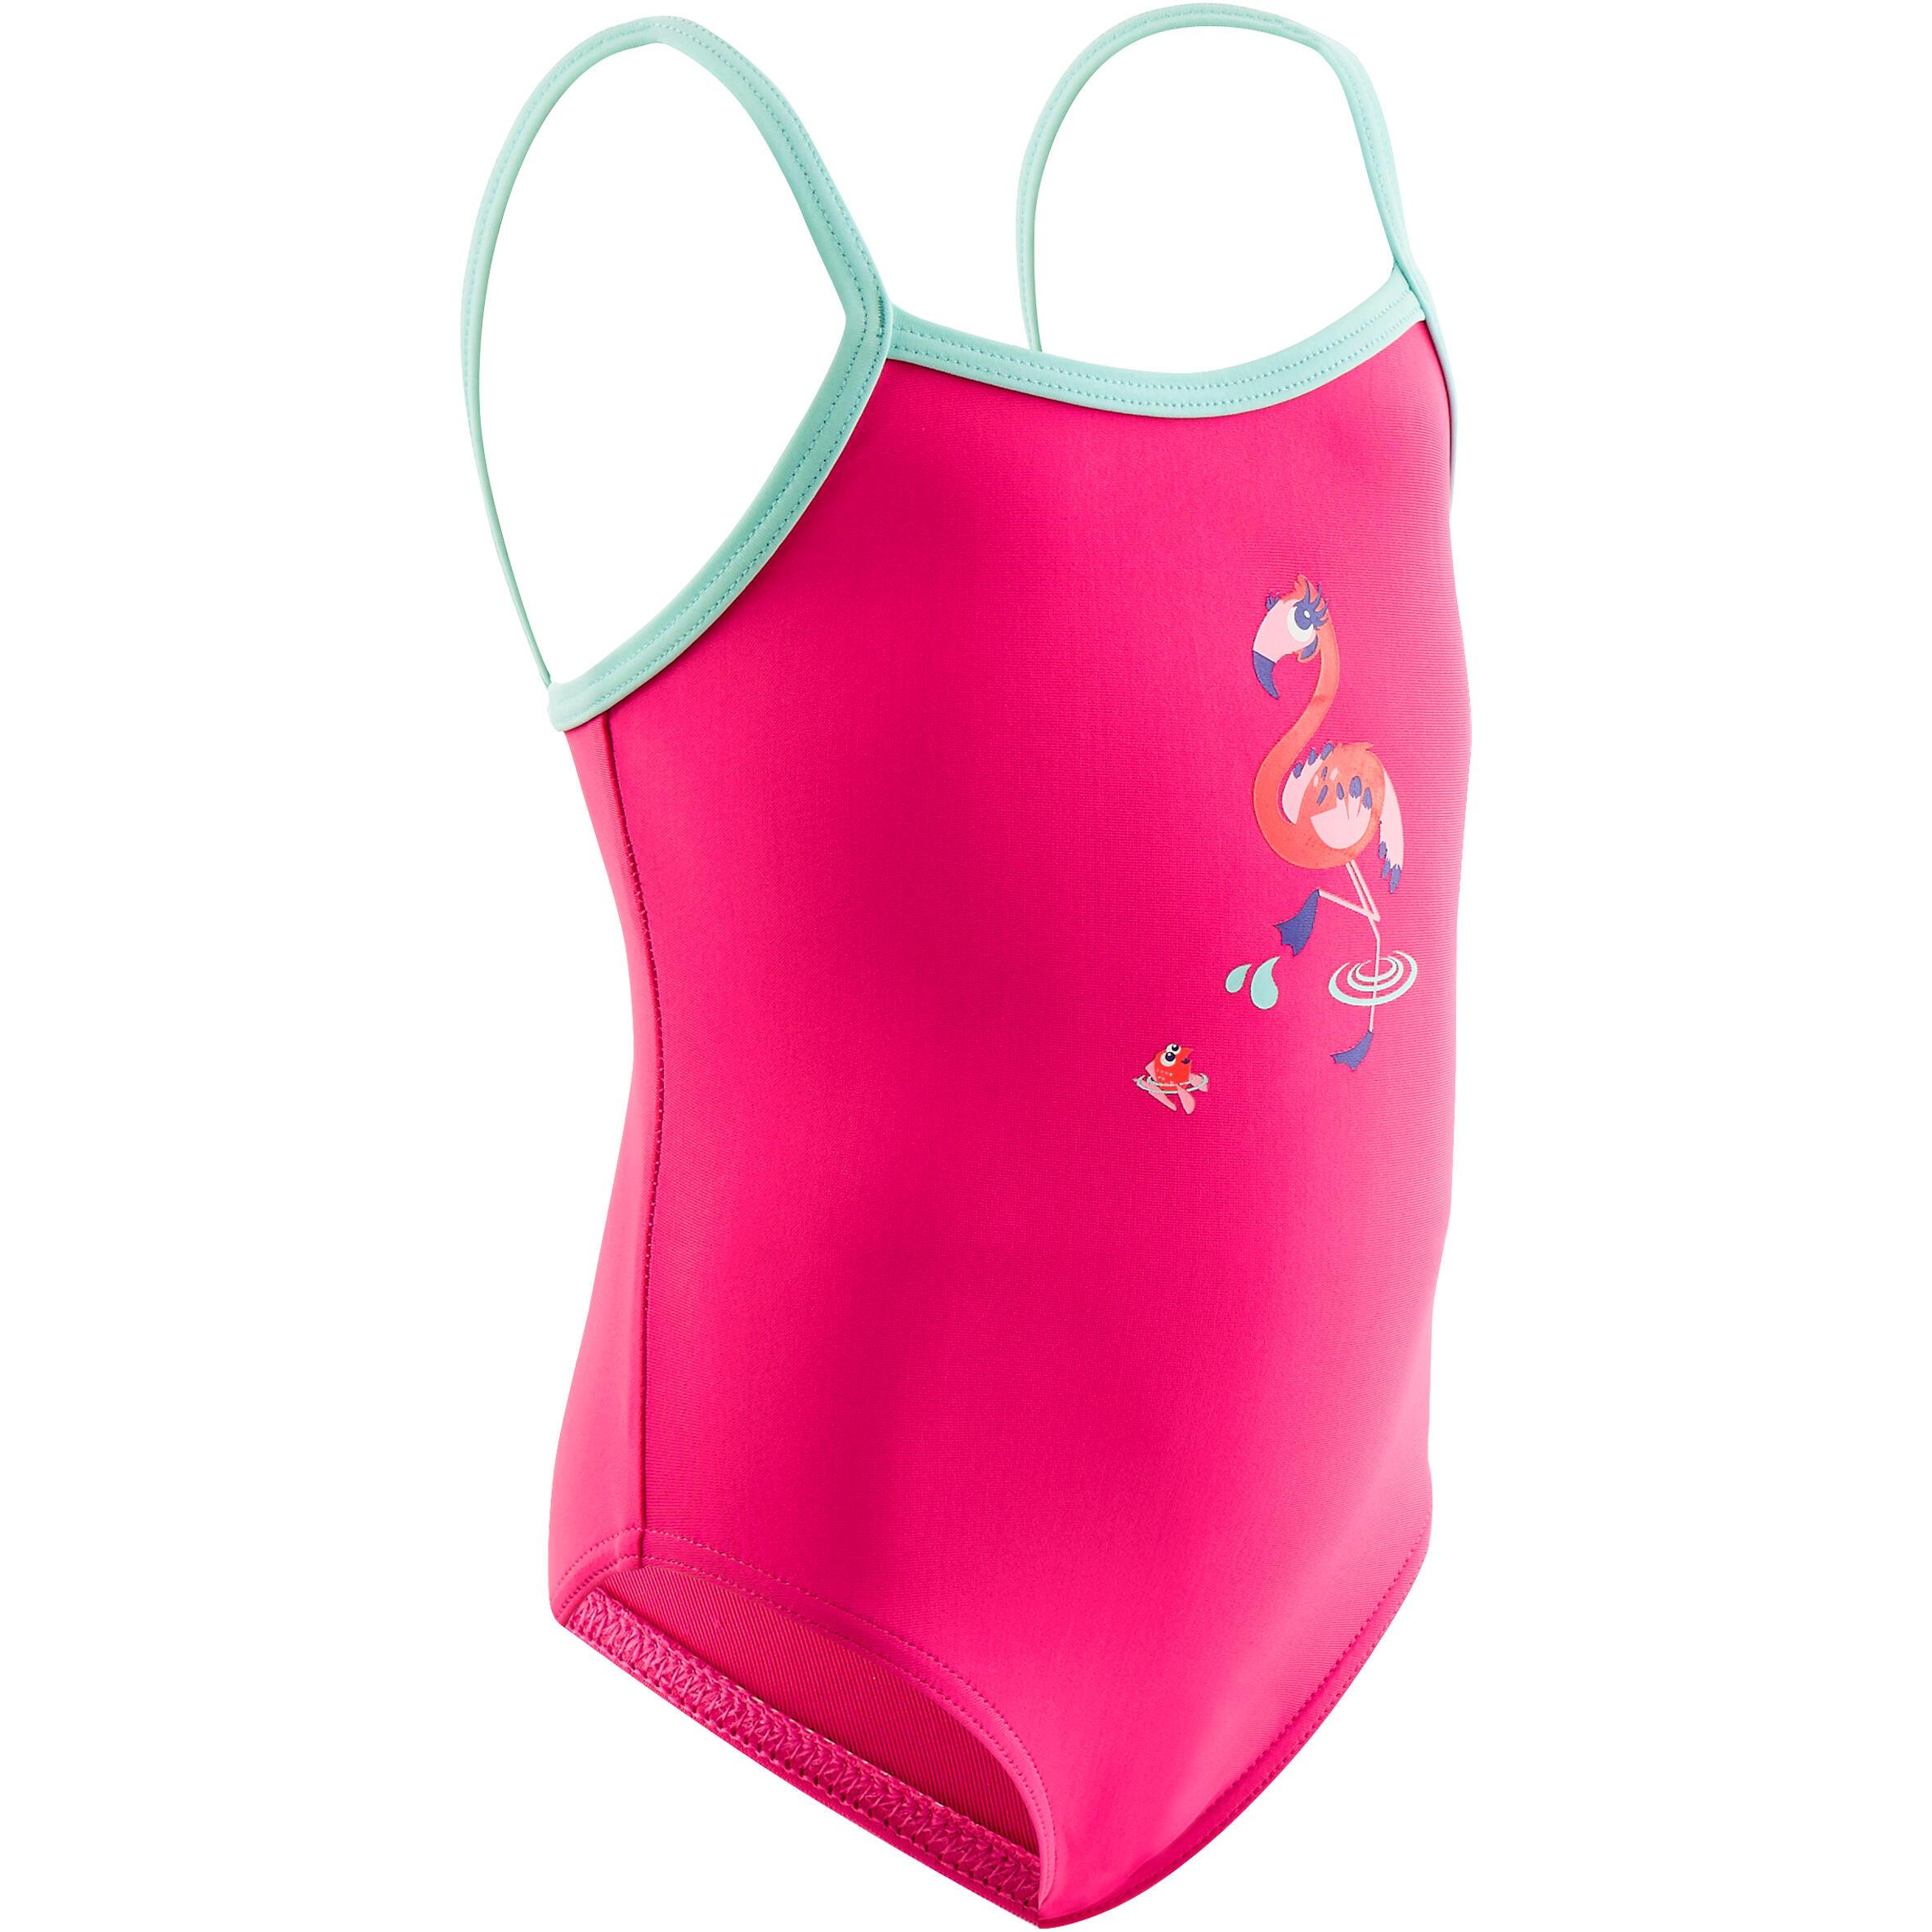 Maillot de bain une-pièce pour bébé fille madina rose avec imprimé Flamingo